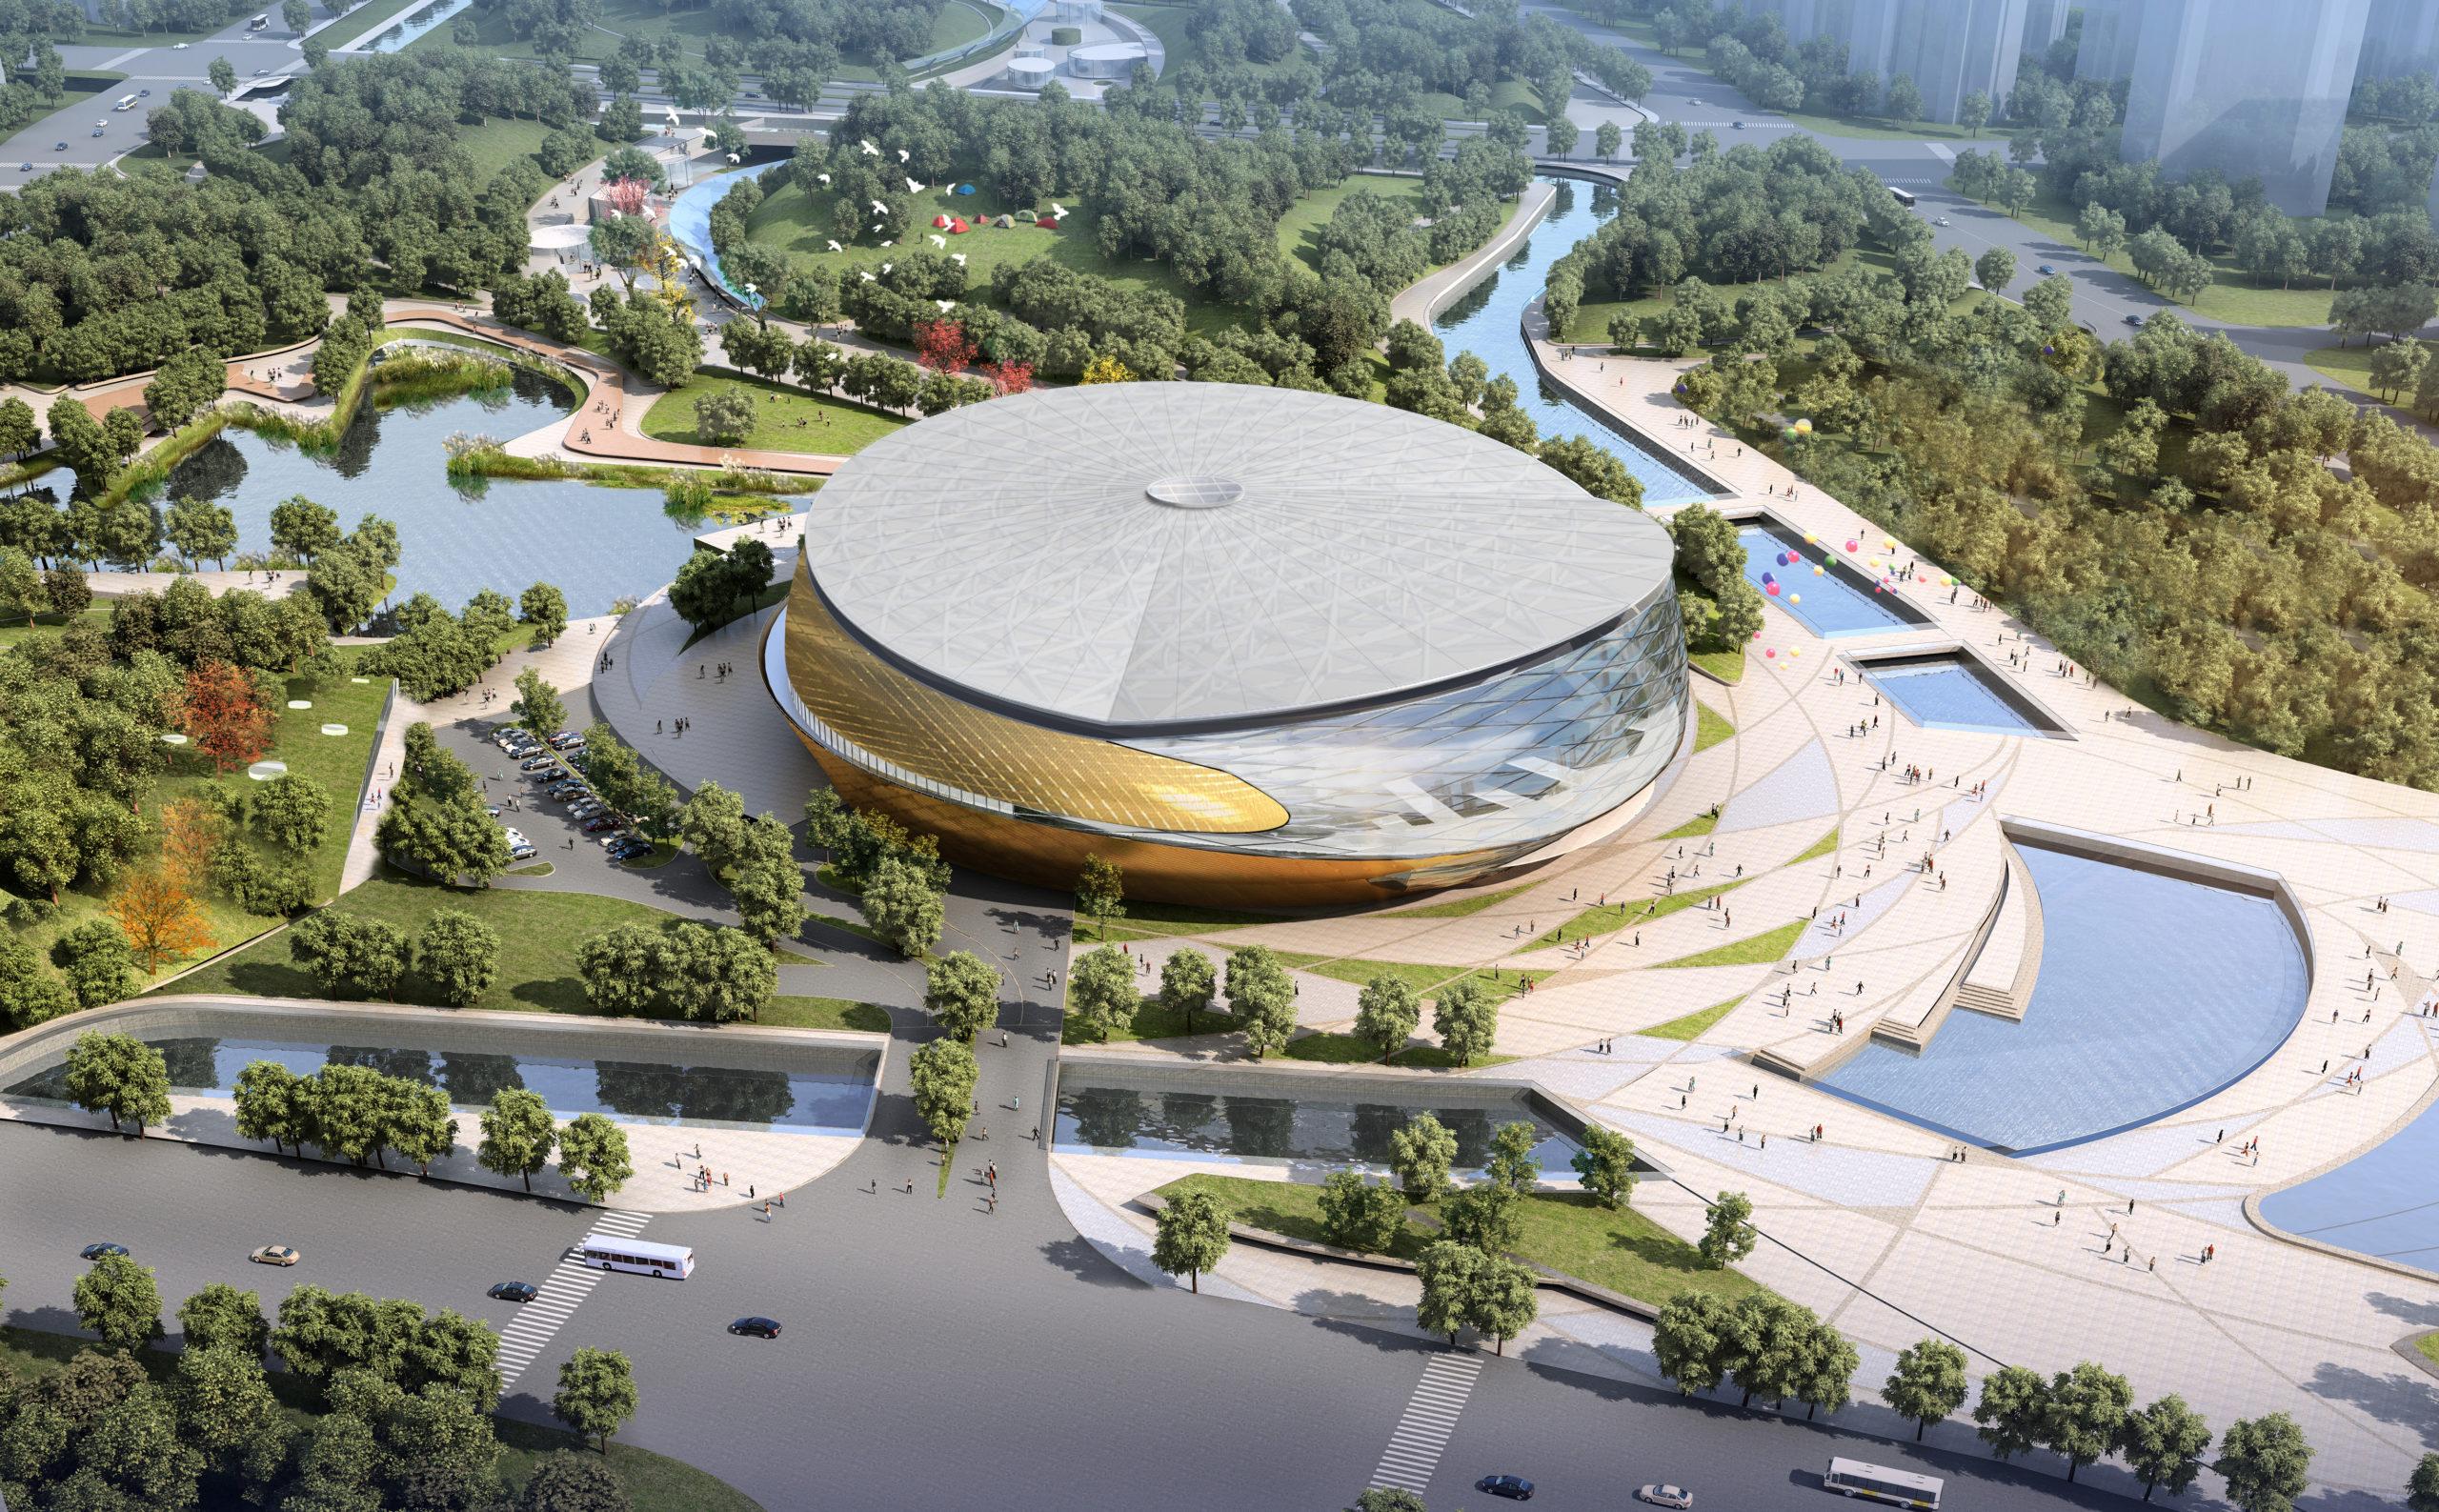 Stade culte Jeux asiatiques de Hangzhou 2022 par Archi-Tectonics, Hangzhou, Chine